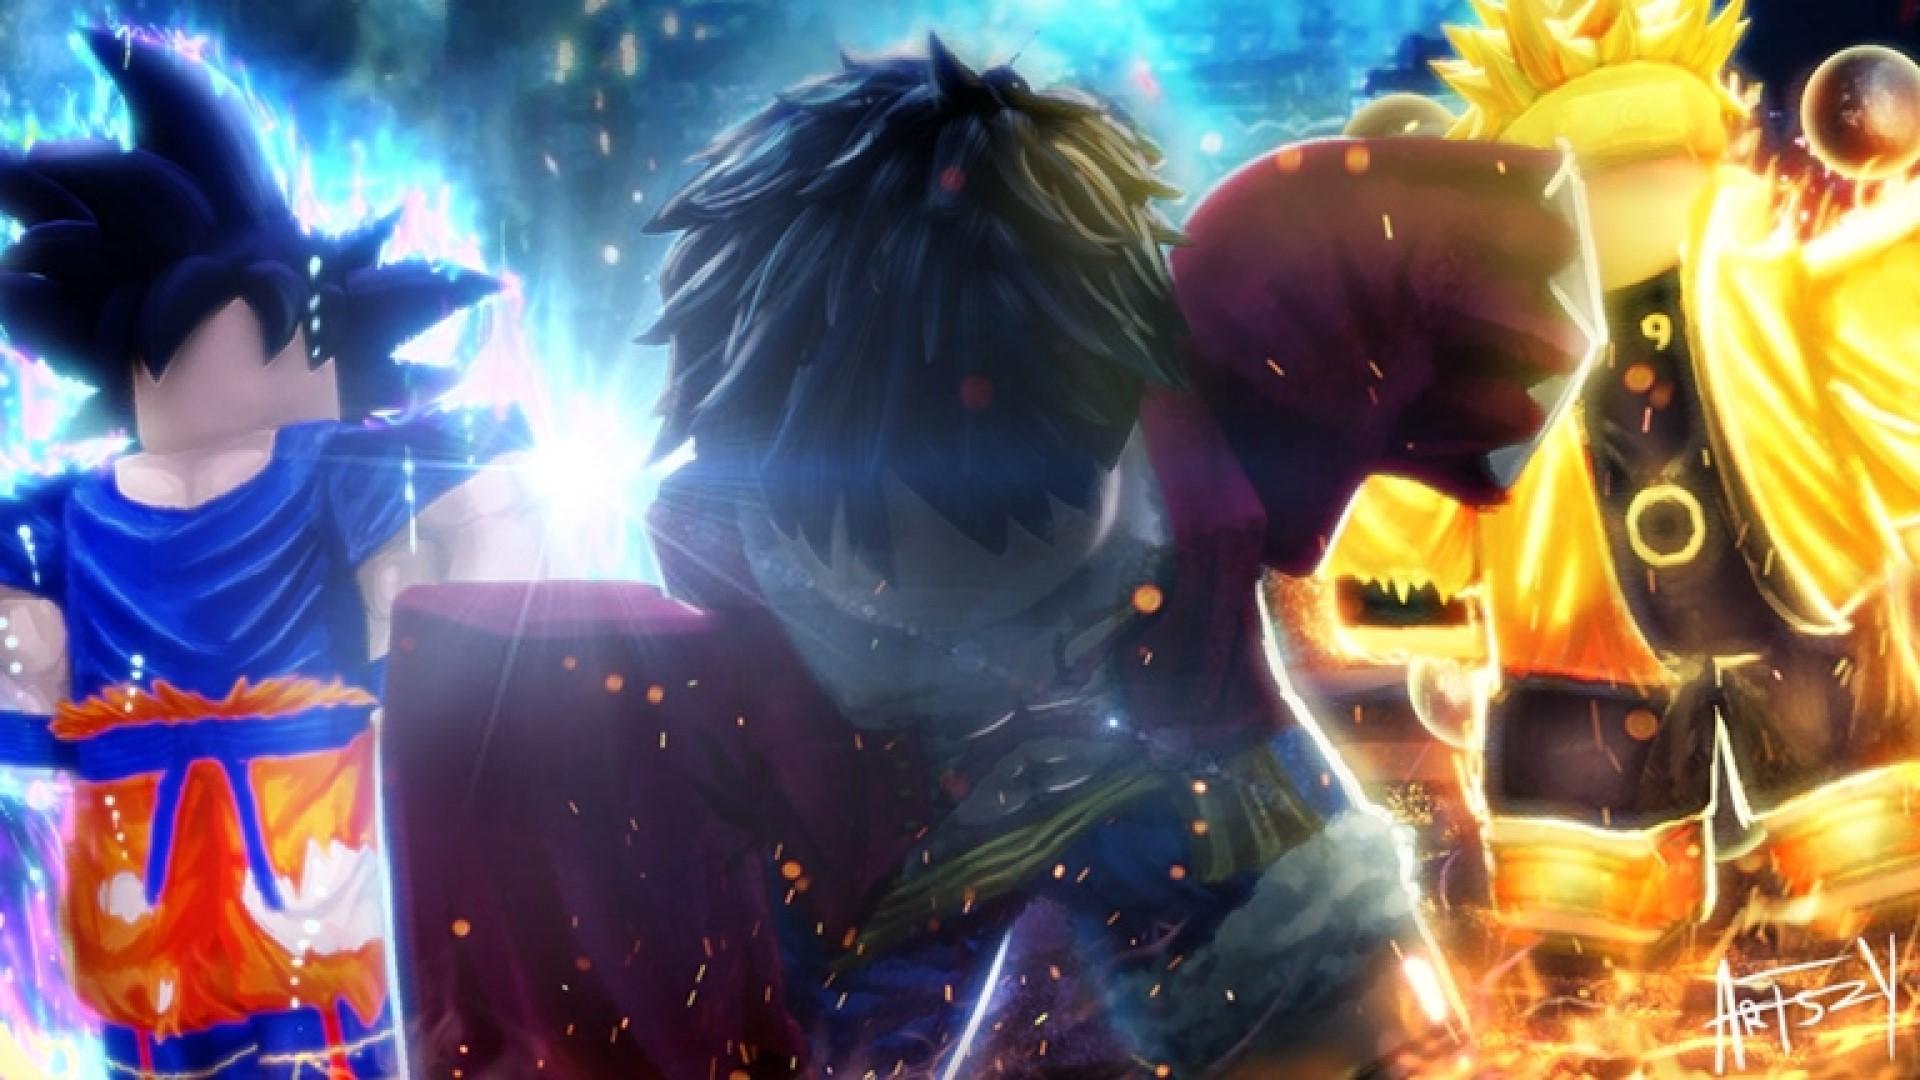 Anime Fighting Simulator codes – Yen and Chikara Shards